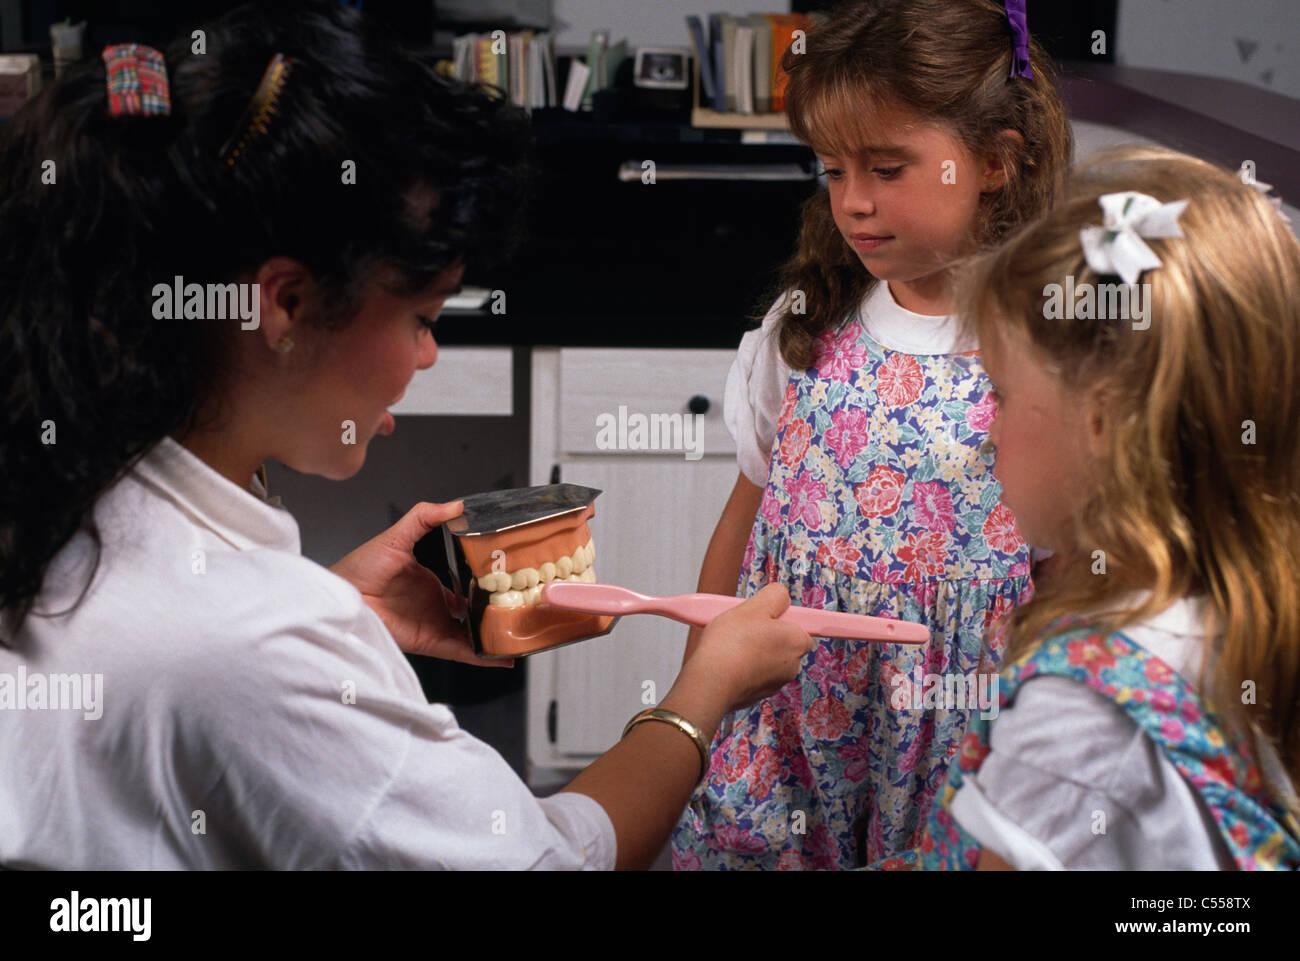 Femme dentiste démontrant l'utilisation de prothèses sur la brosse à dents en face de deux jeunes filles Banque D'Images